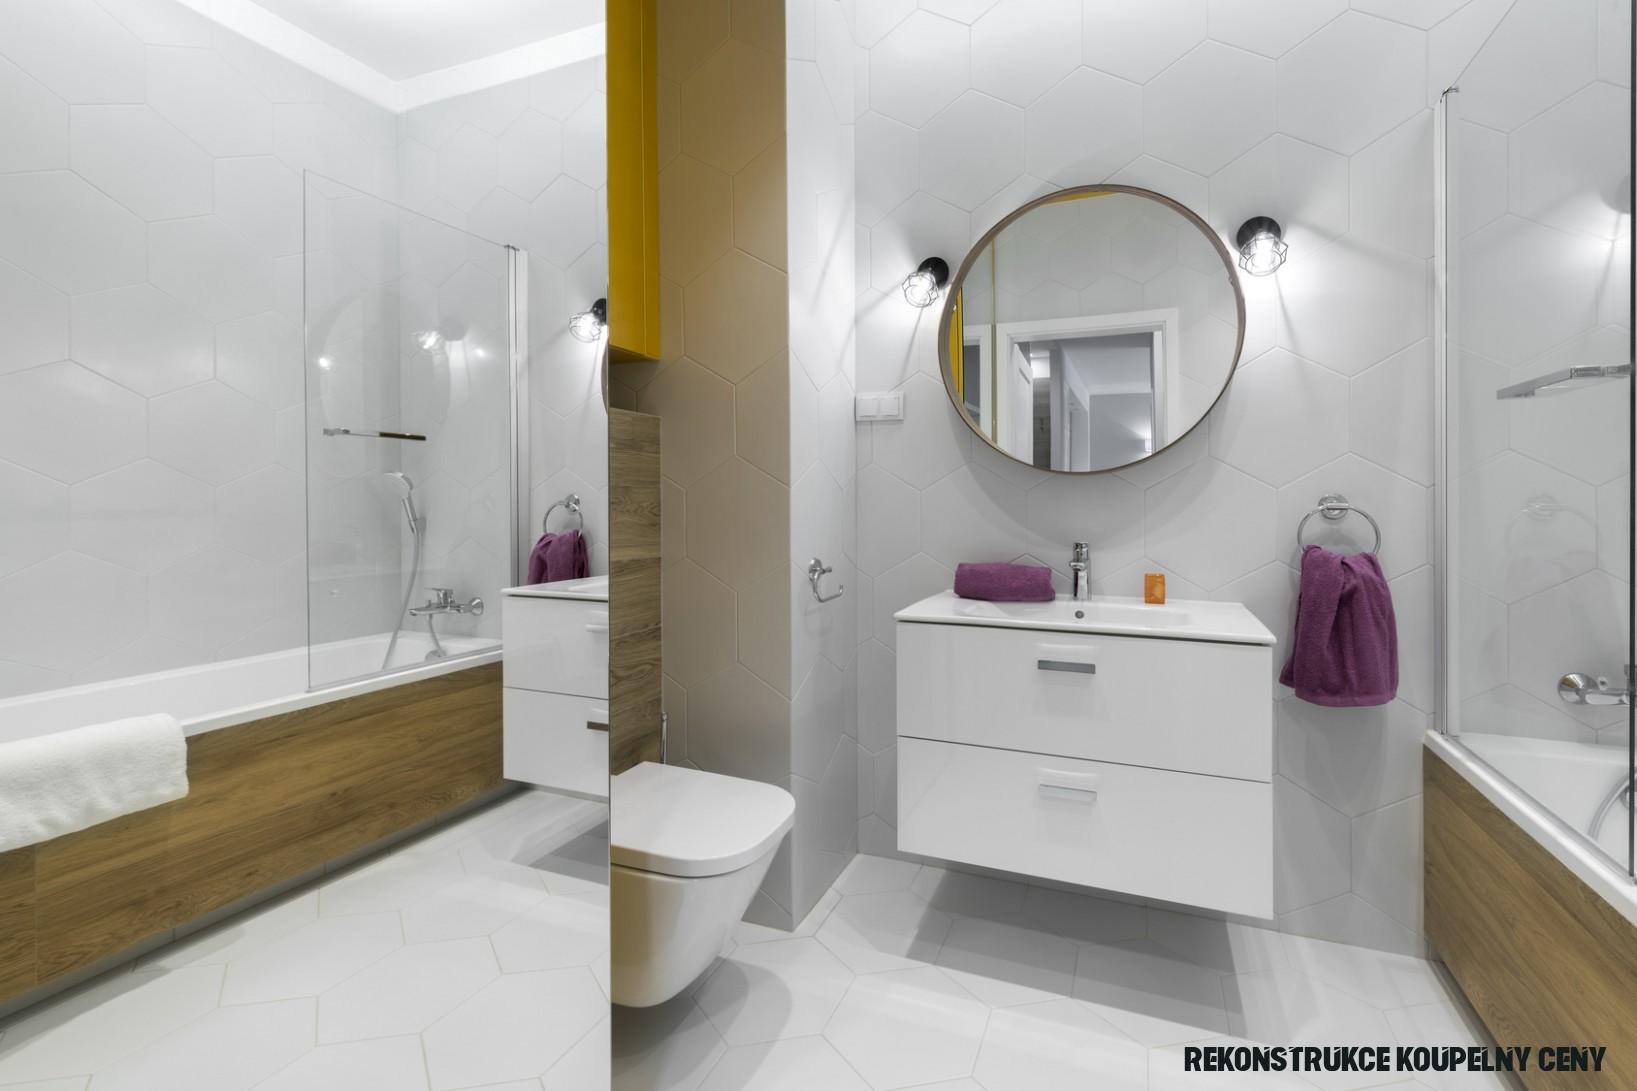 Kolik stojí rekonstrukce koupelny? Proveďte si výpočet ceny sami